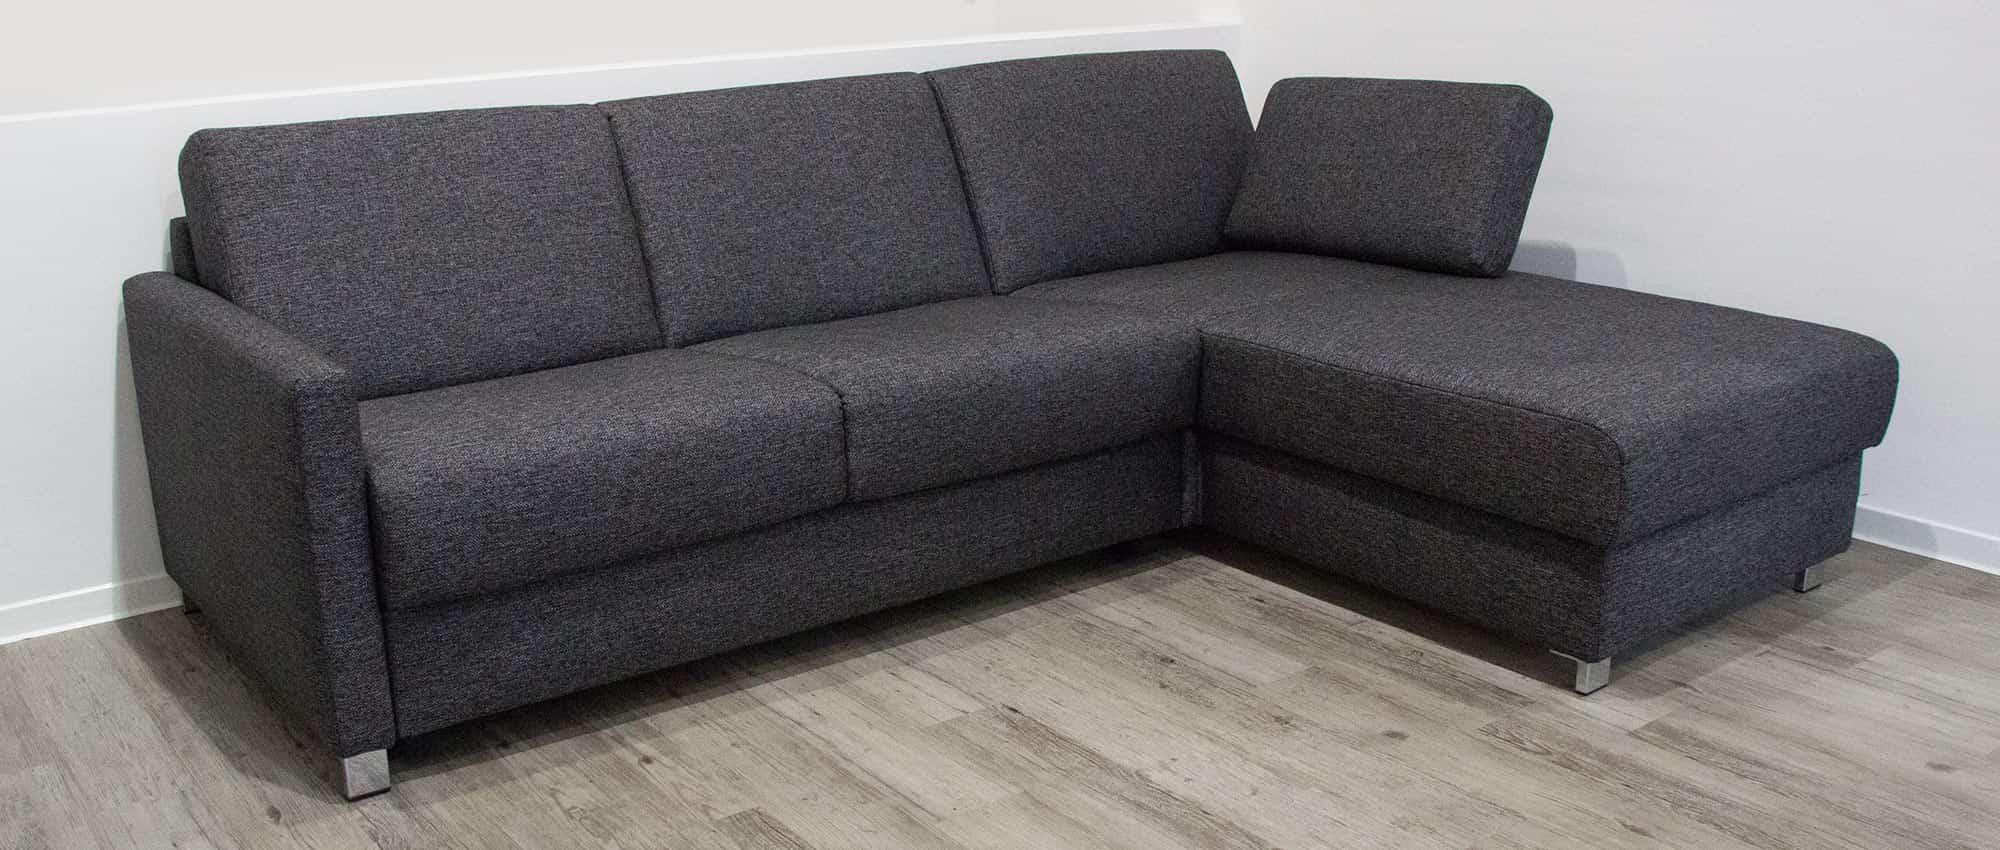 HAMBURG DELUXE Eckschlafsofa mit Lattenrost und Matratze von sofaplus